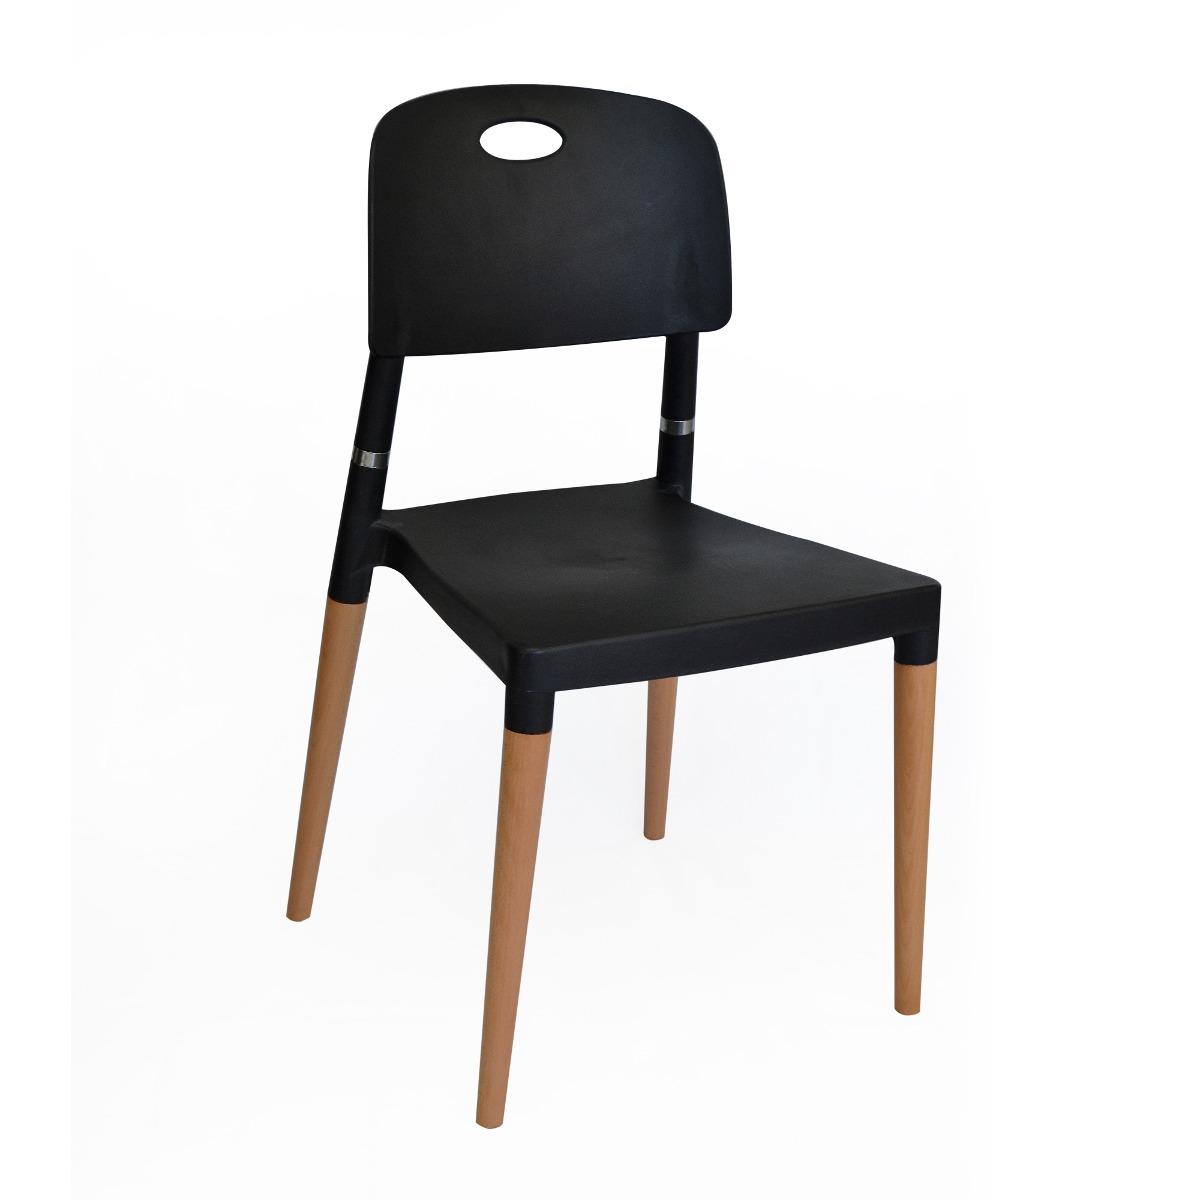 Cadeira Para Escritório Belloch R$ 229 98 em Mercado Livre #764B2C 1200x1200